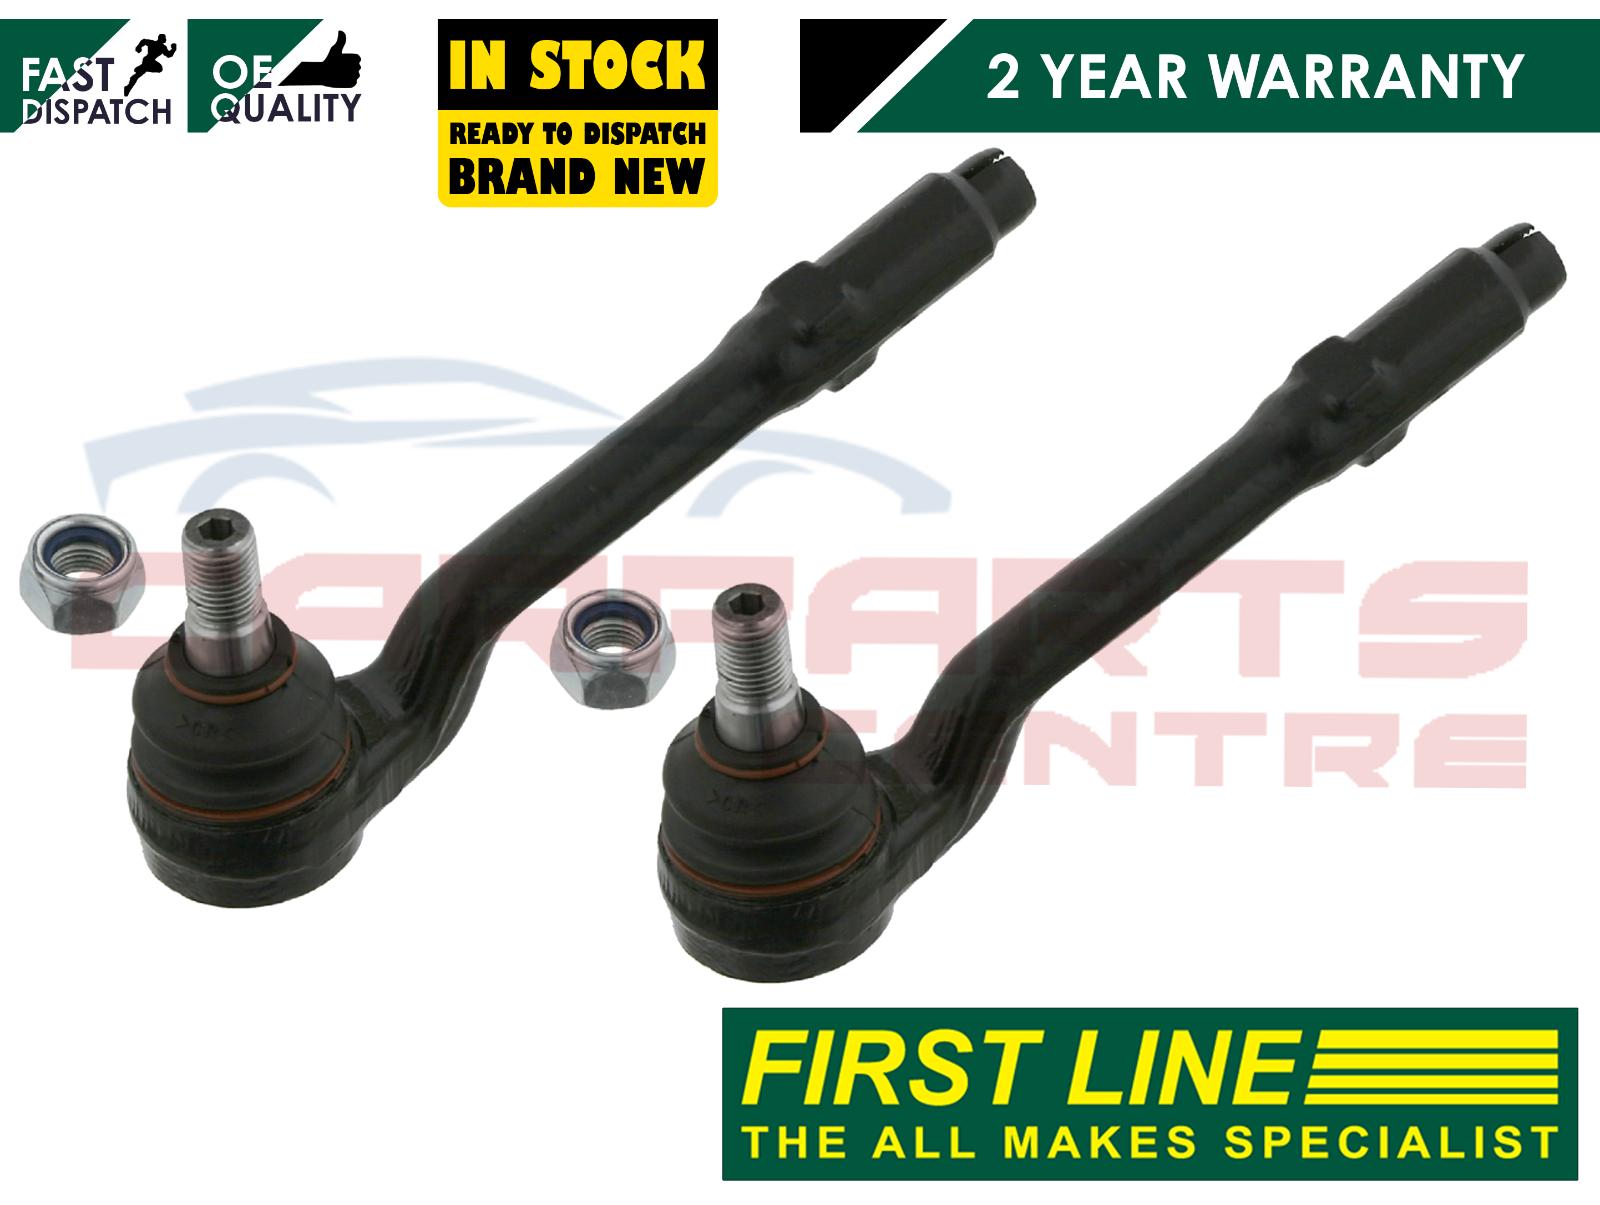 Delphi TA2880 Steering Tie Rod End